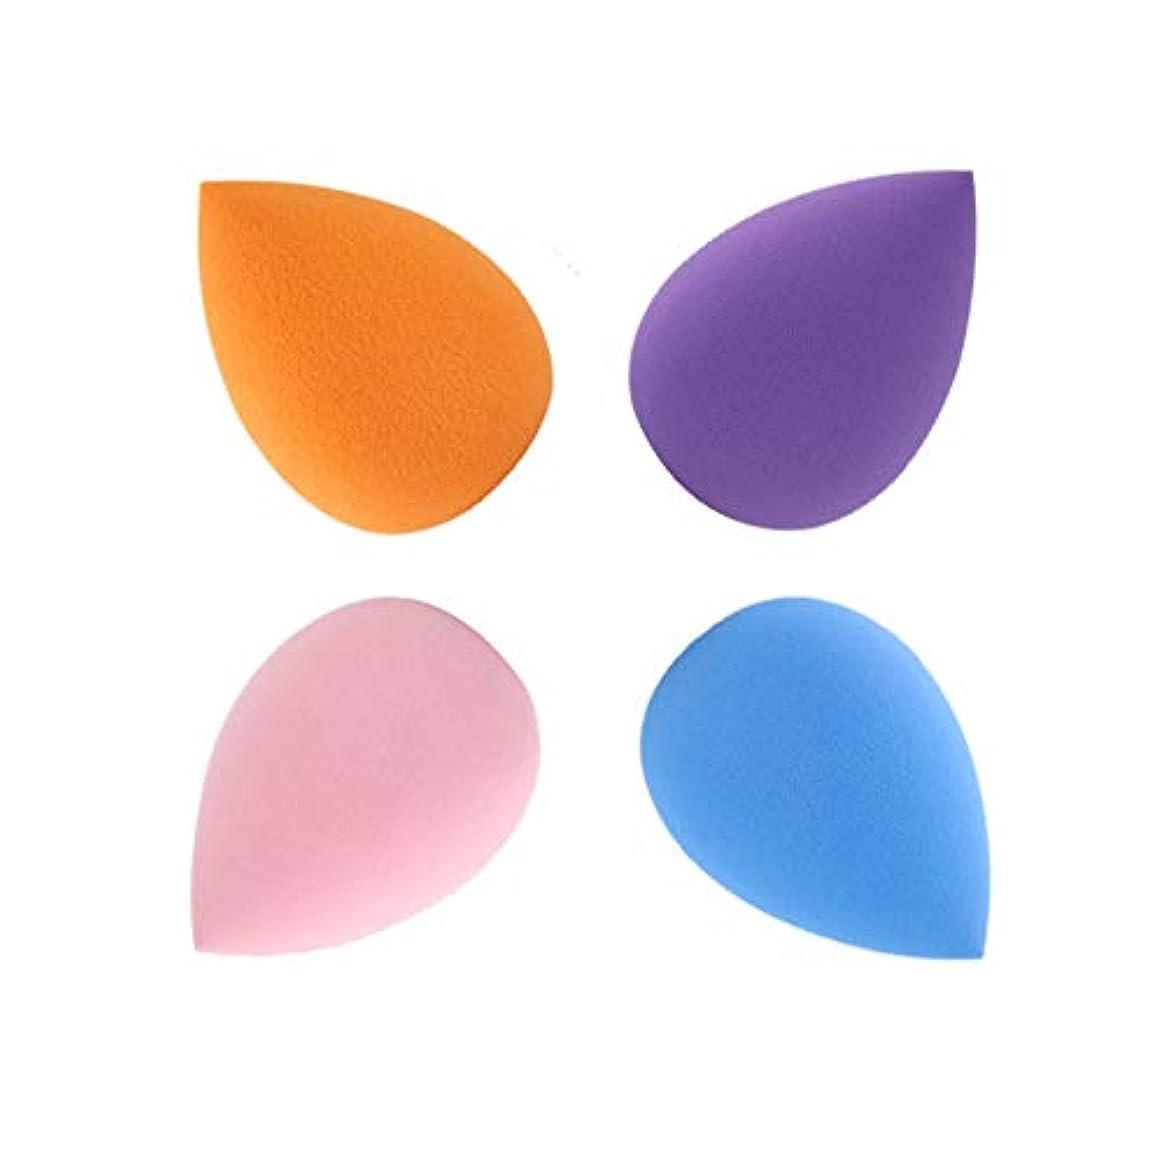 群れタイト再撮りSUPER DREAM メイクスポンジ 4個セット 立体 化粧 スポンジ 涙型 3Dスポンジ パフ フェイシャルスポンジ 親水性ポリウレタン メイクアップスポンジ 湿乾両用 ファンデーション 使い捨て 水洗い 何度も使える